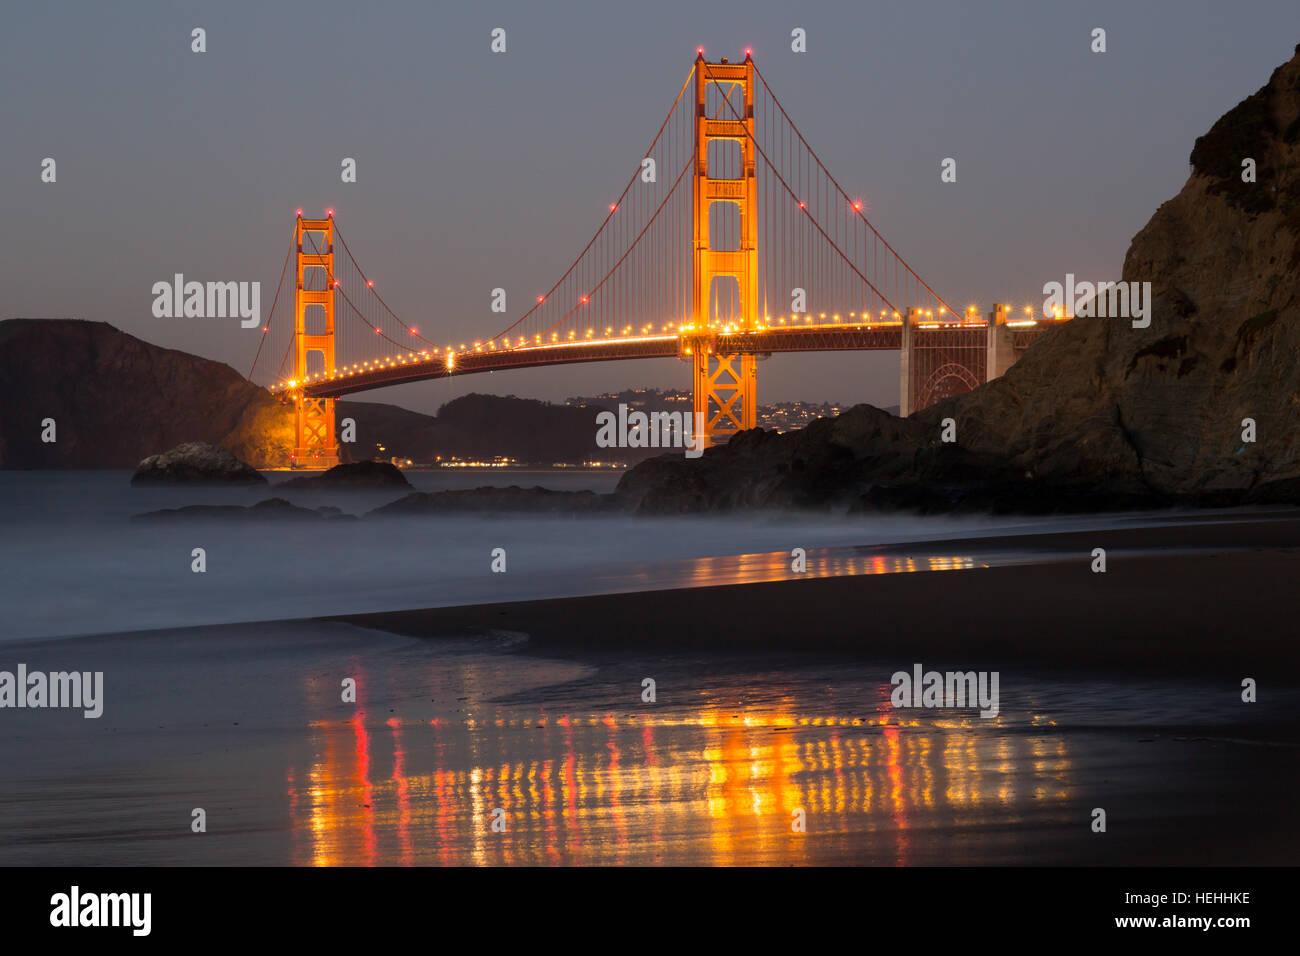 Die Golden Gate Bridge und Baker Beach Reflexionen Stockbild